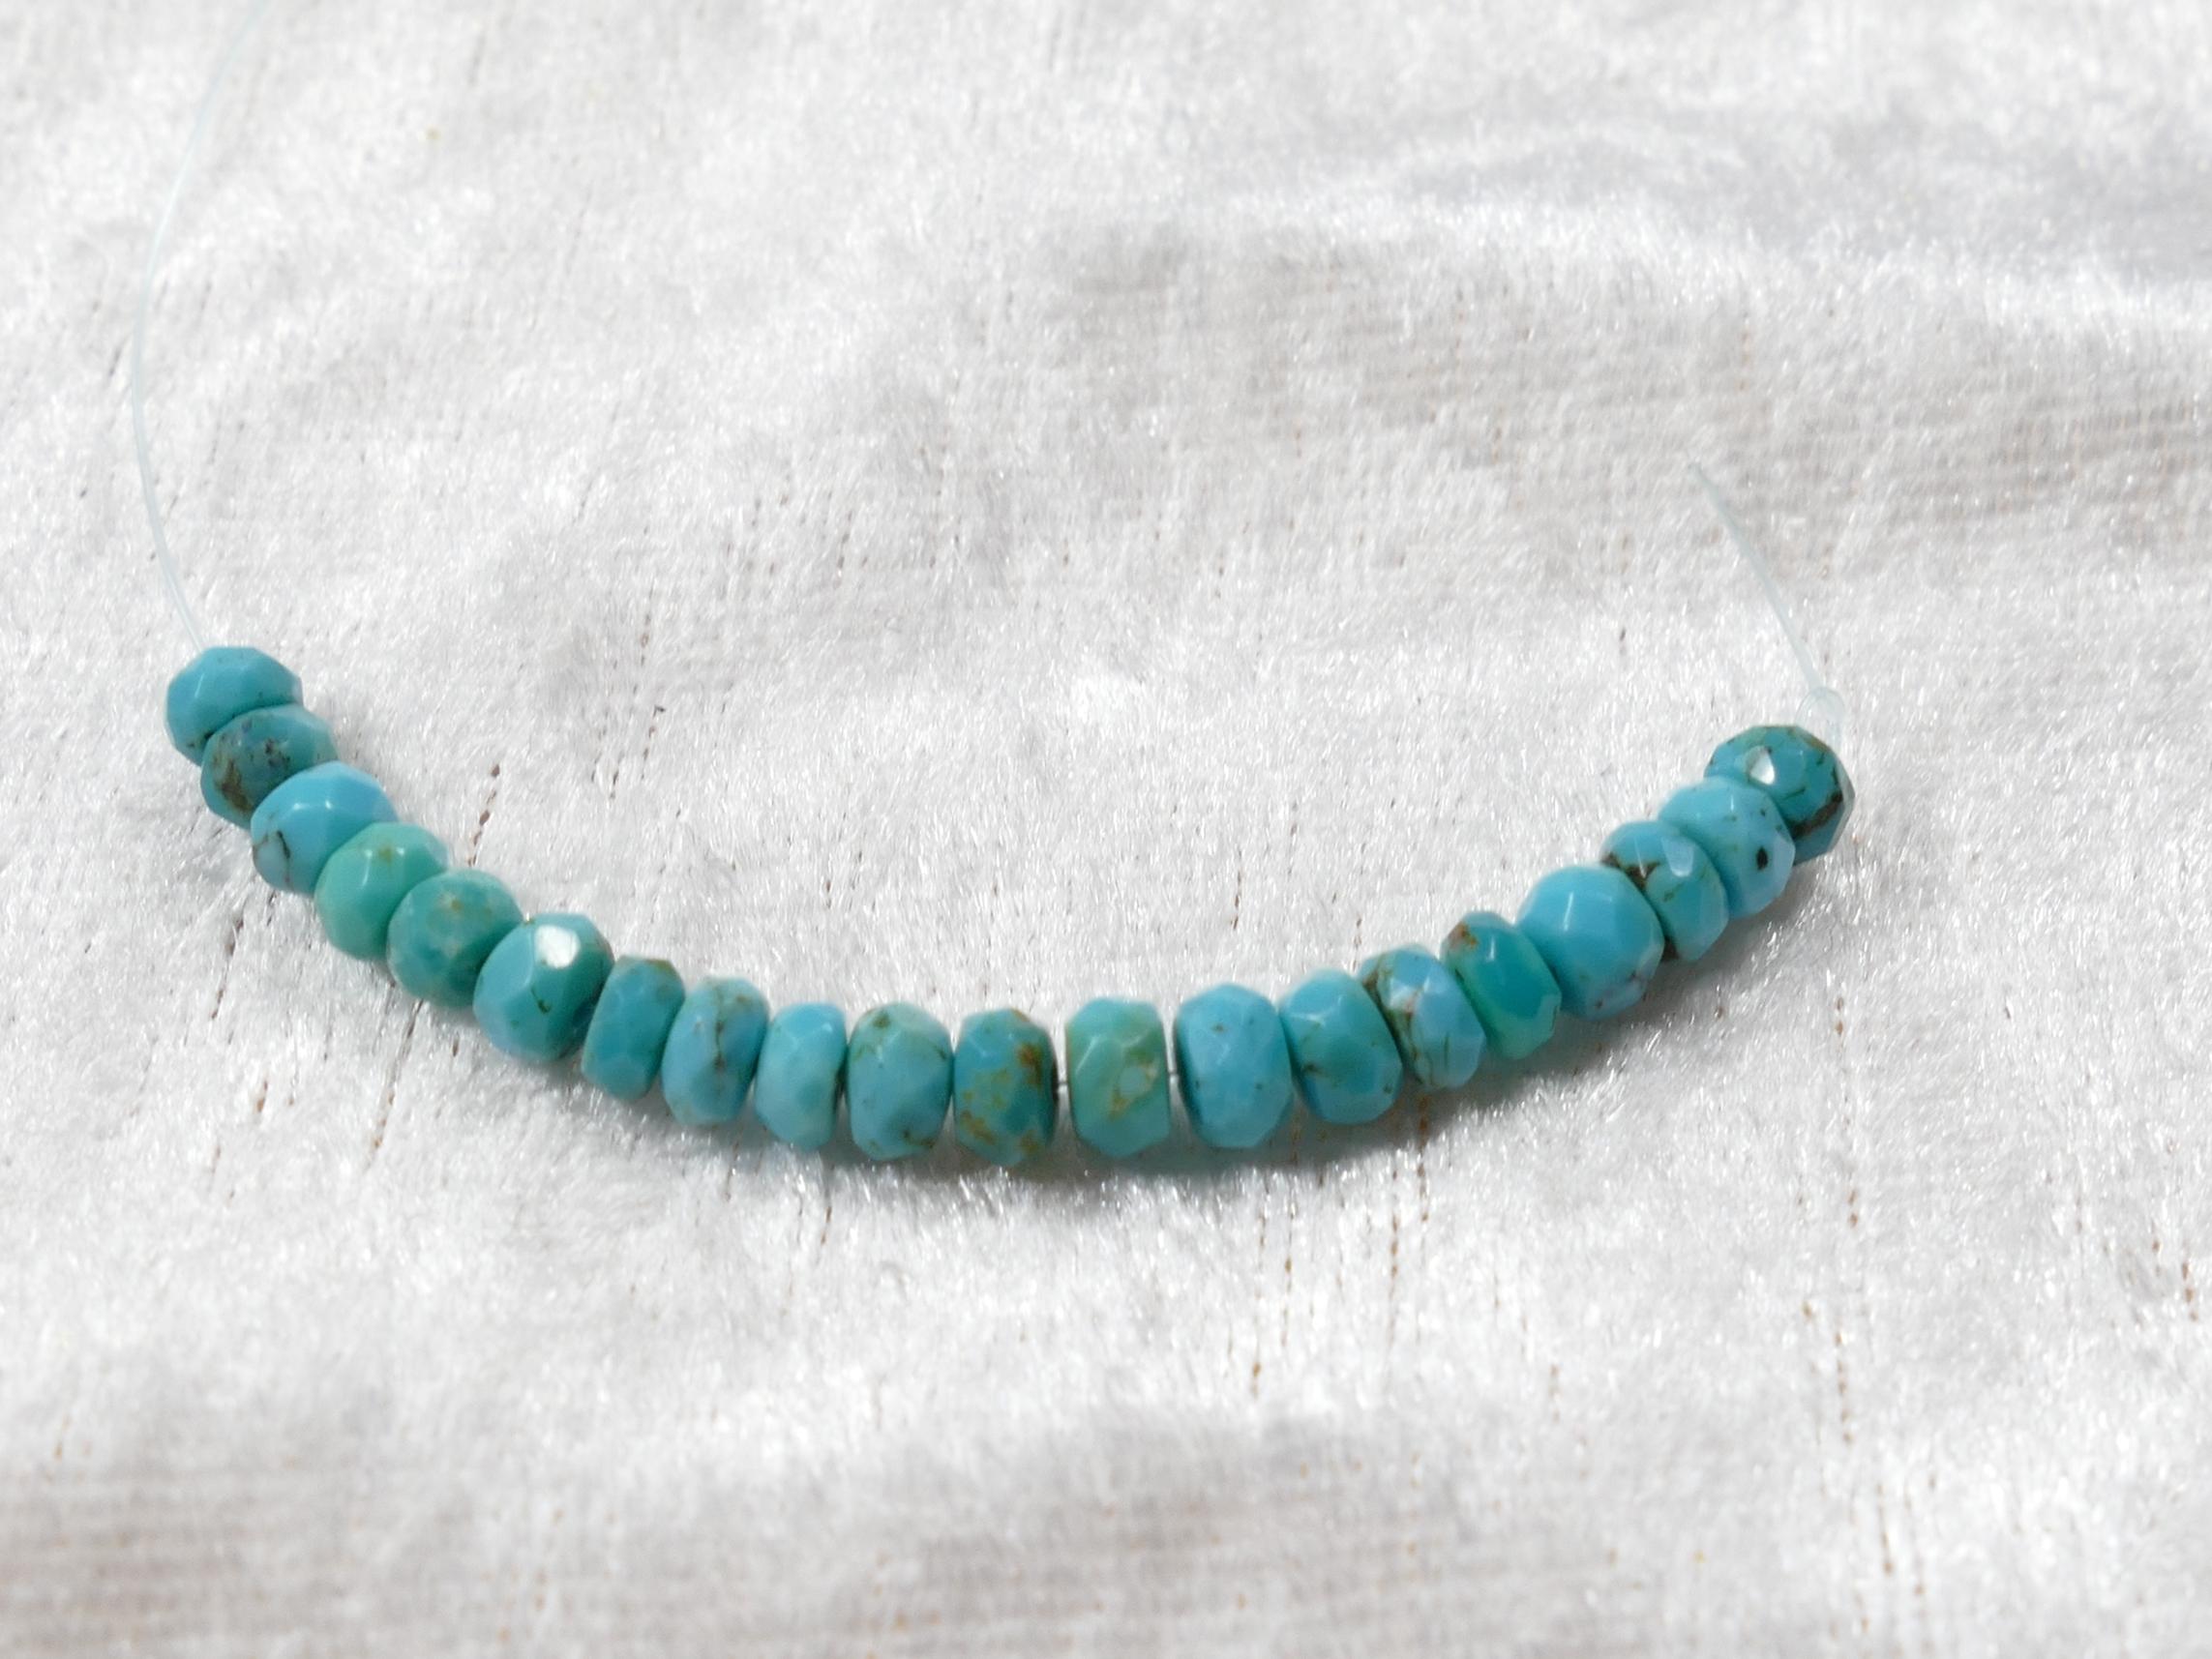 4-4.3mm Perles de Turquoise naturelle en rondelle facettée du Mexique (#PM807C)